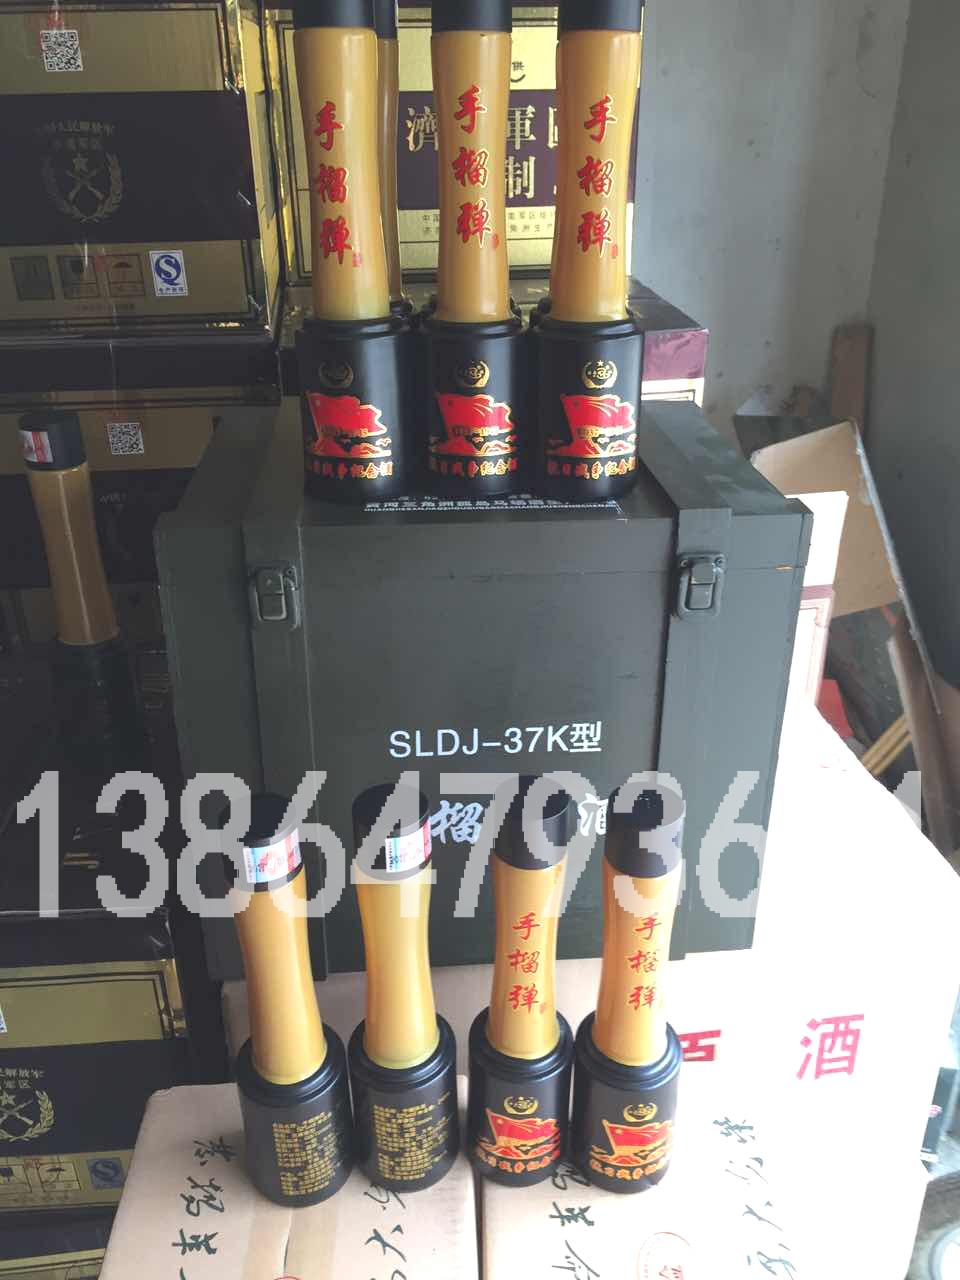 马场手雷手榴弹芝麻香型军马场孤岛马场旅52度酒高度白酒东营特产